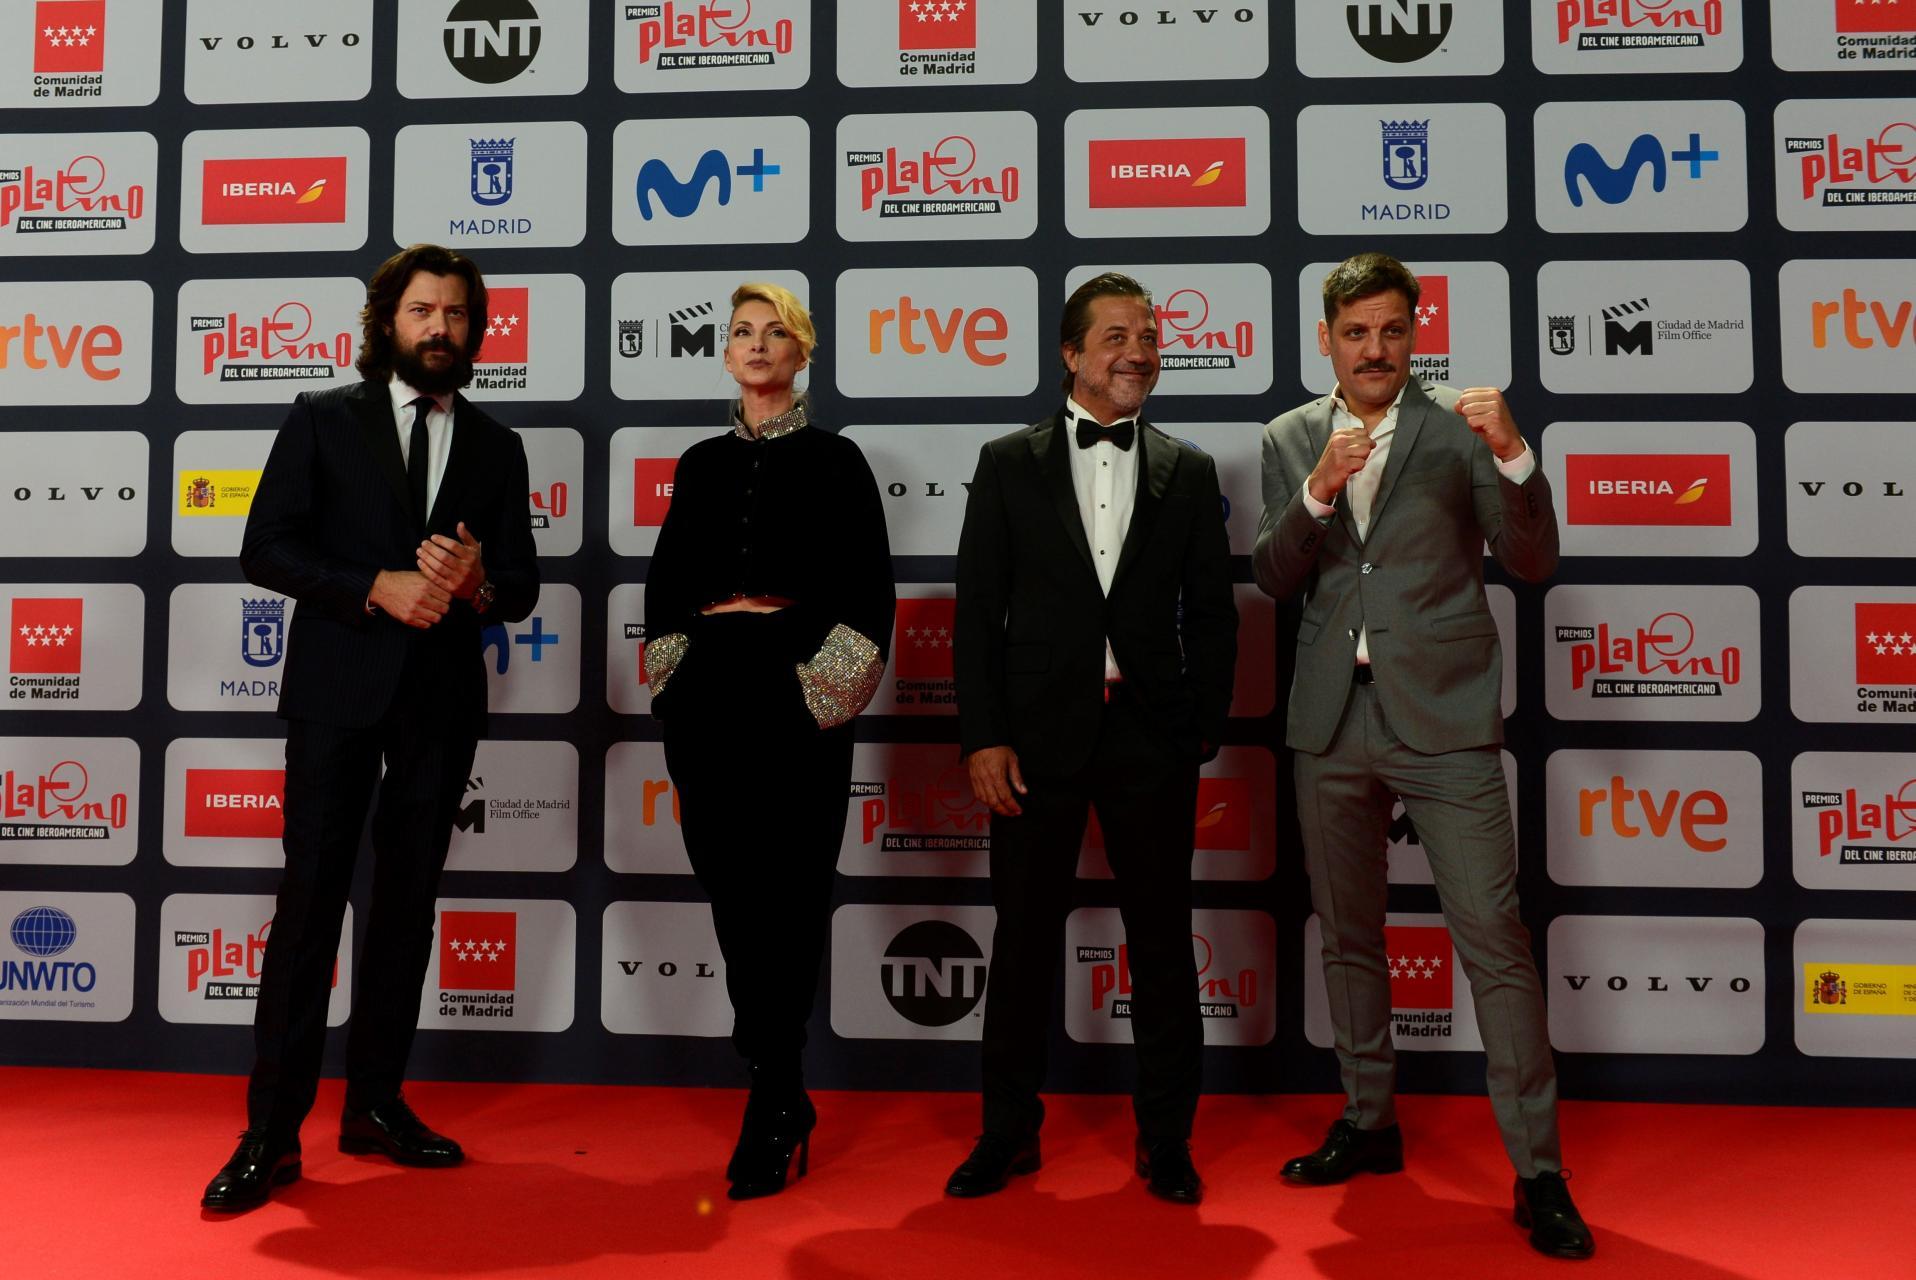 Premios Platino del Cine y el Audiovisual Iberoamericano